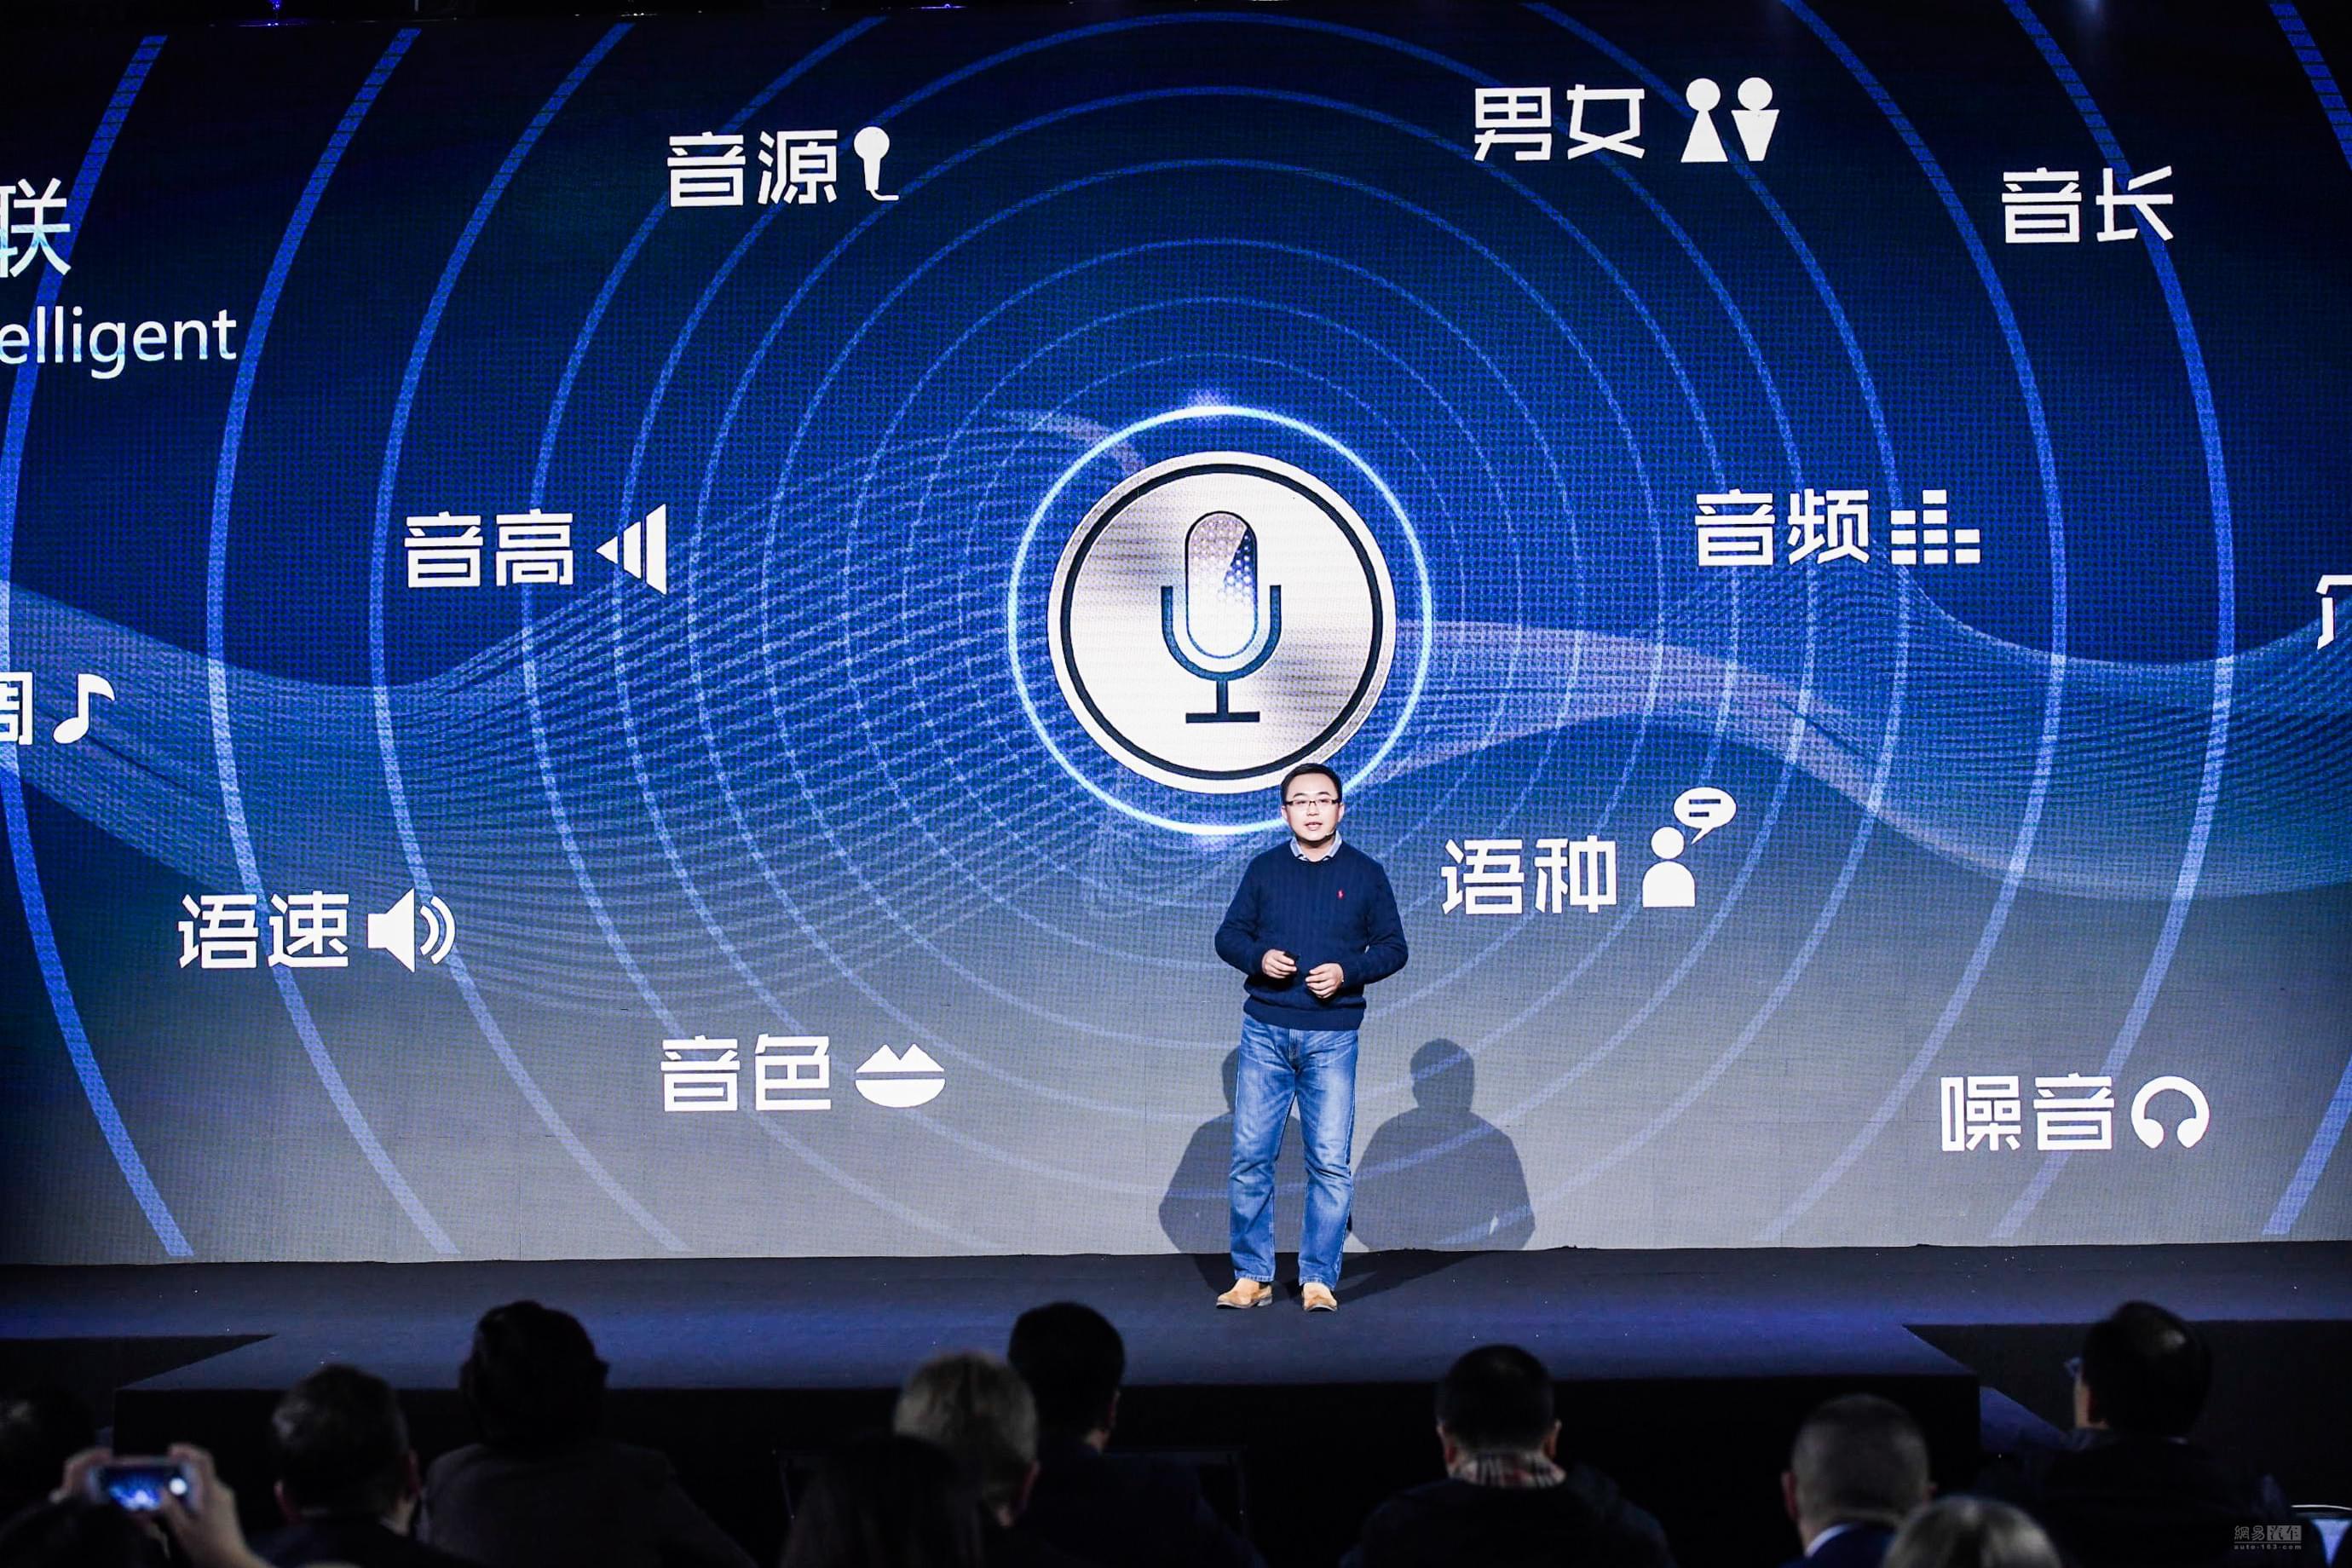 比V5更威武更智能 华晨发布中华V6预告图